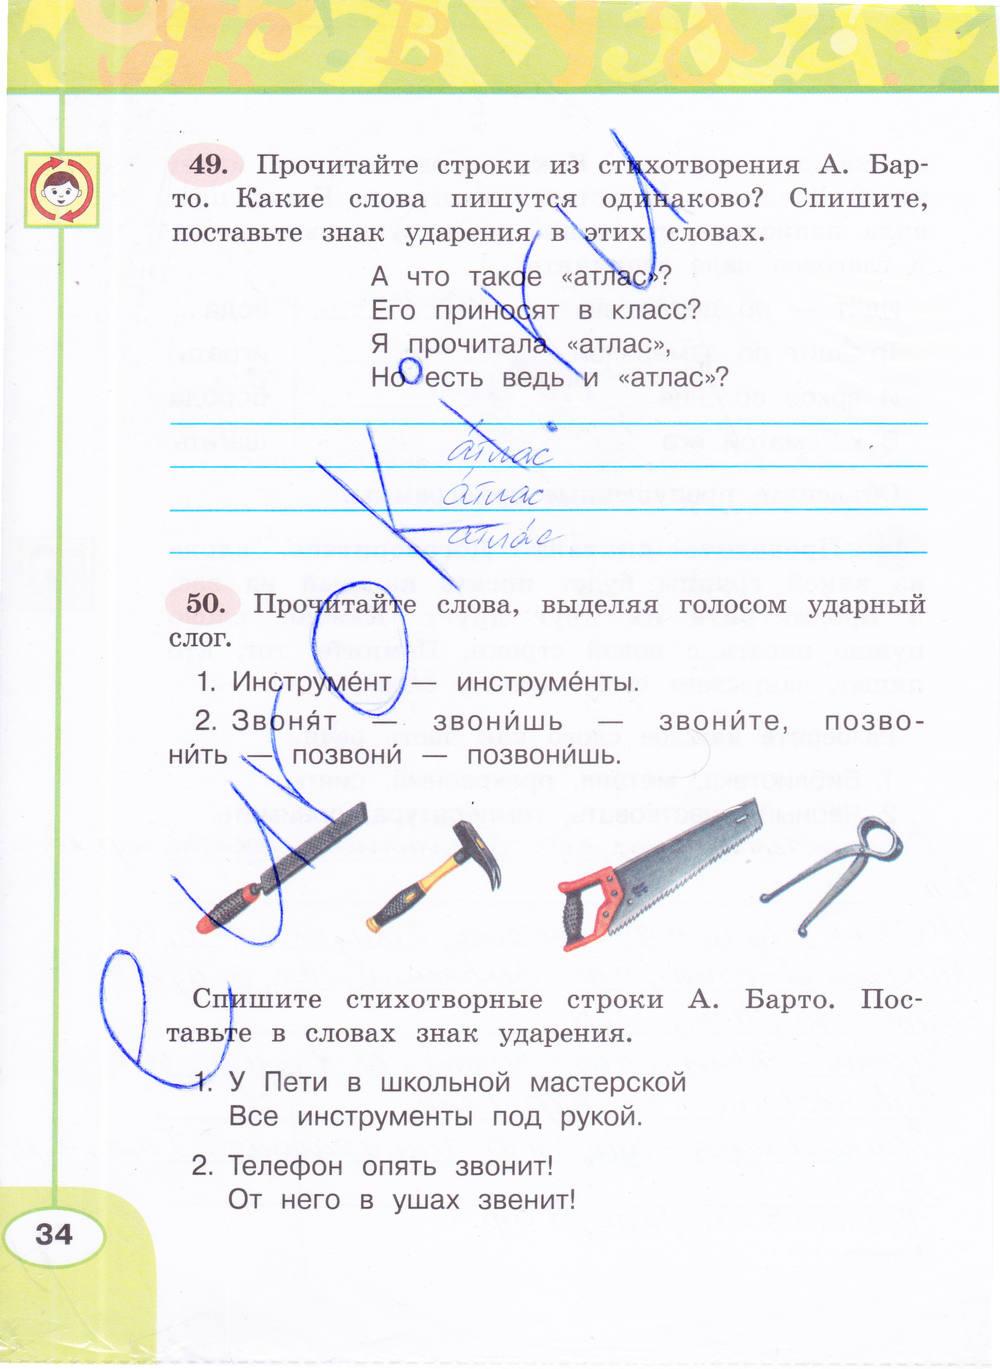 РАБОЧАЯ ТЕТРАДЬ КЛИМАНОВА БАБУШКИНА РУССКИЙ ЯЗЫК 4 КЛАСС СКАЧАТЬ БЕСПЛАТНО